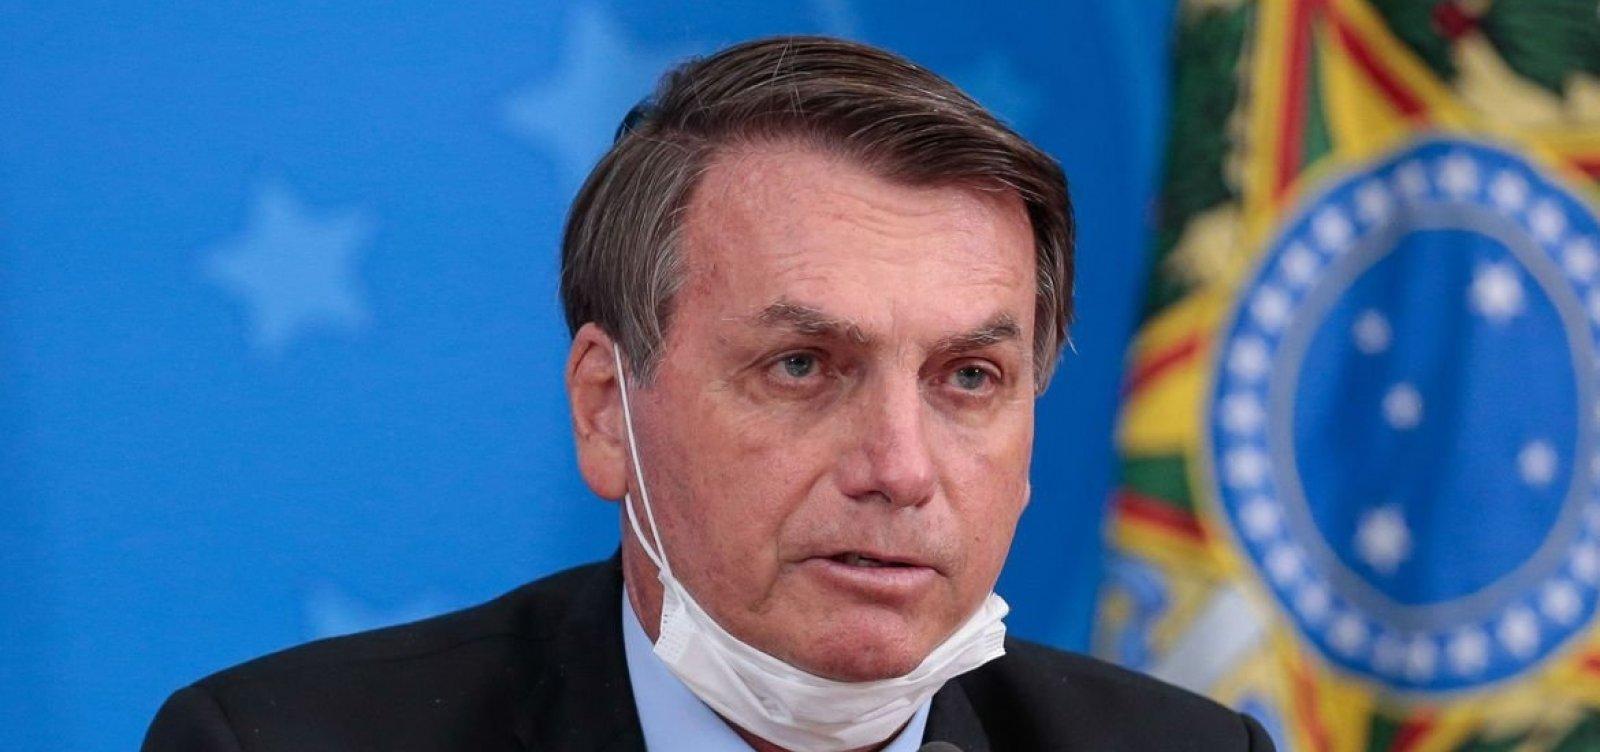 ['Não vou esperar f** minha família toda de sacanagem', disse Bolsonaro em reunião; confira transcrição]